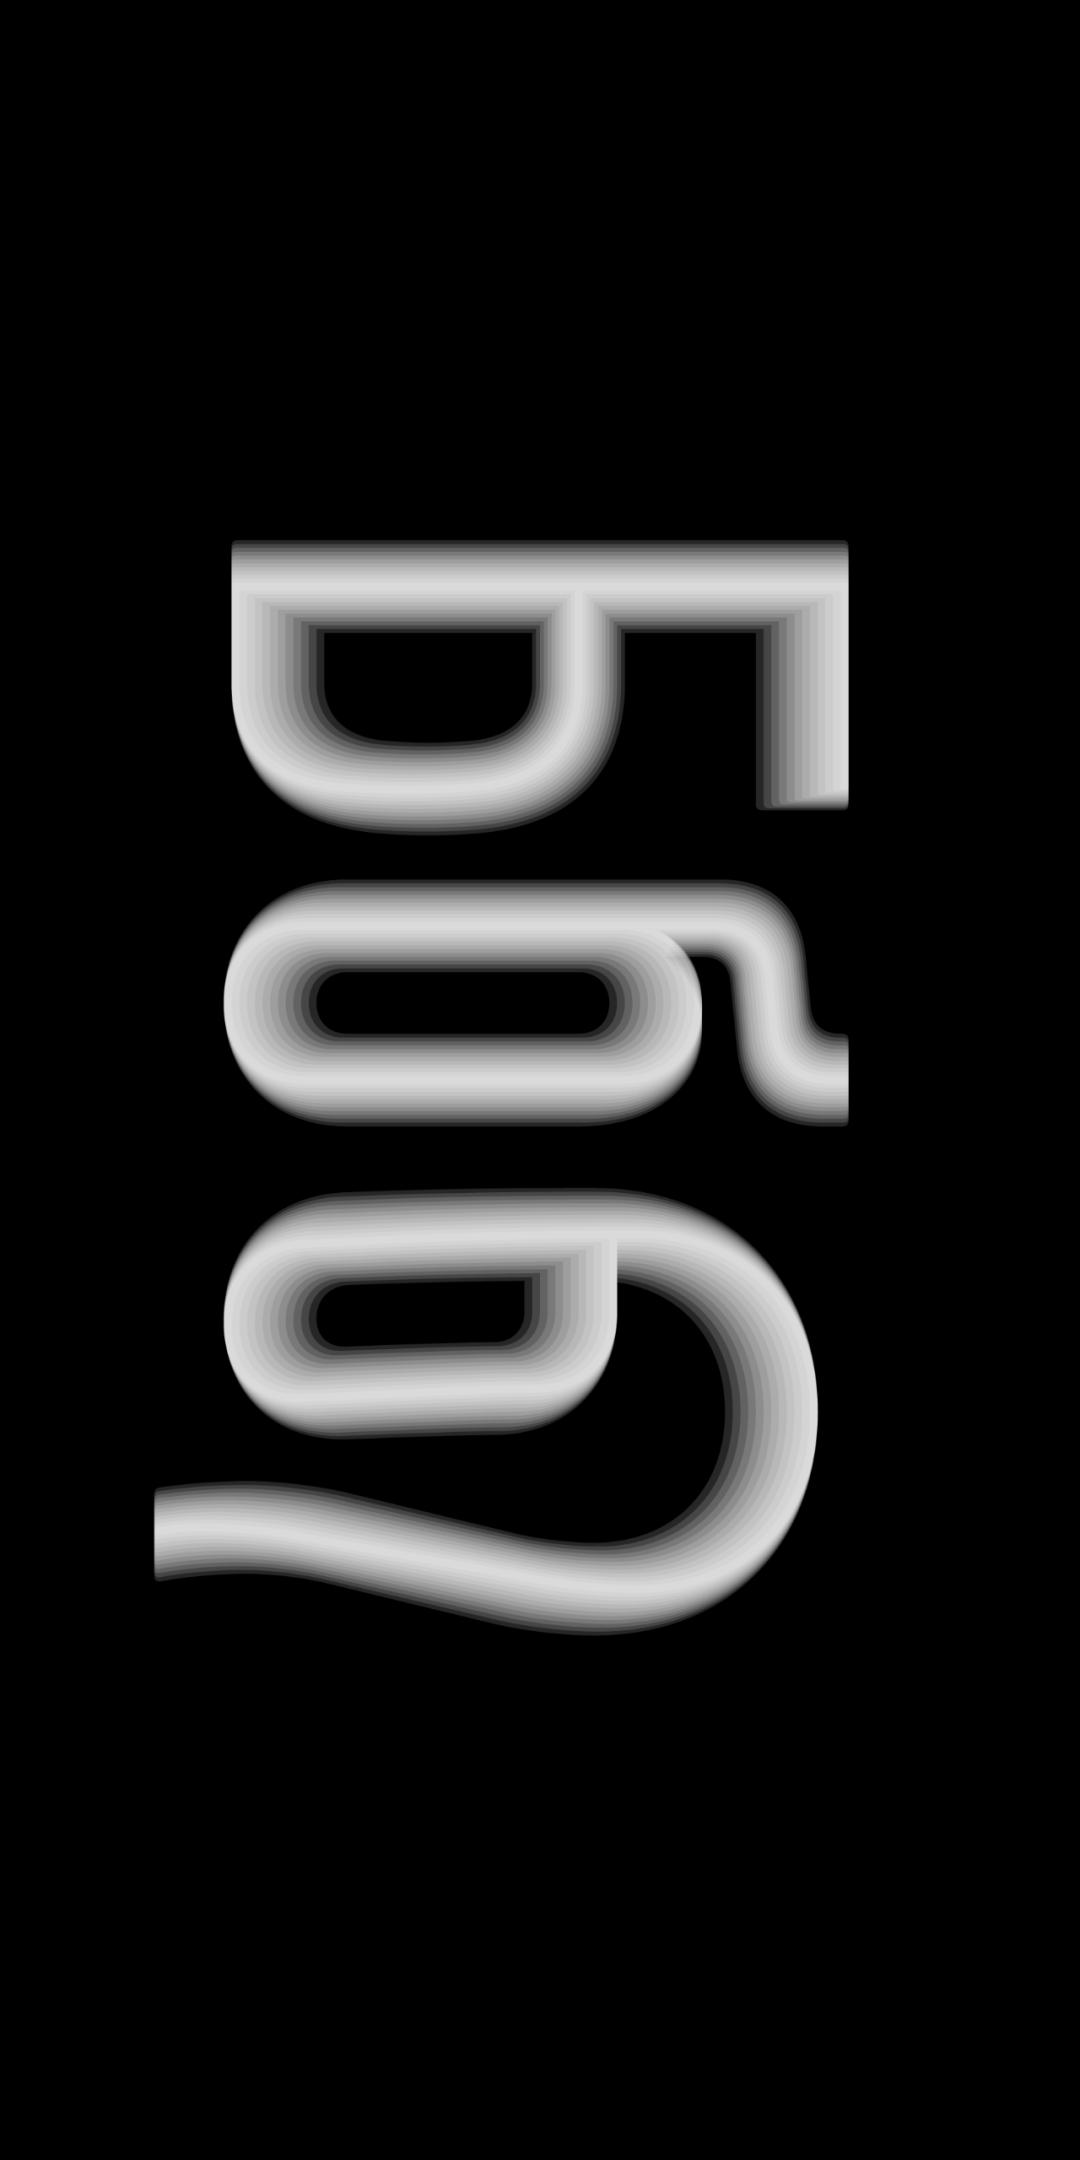 几何风格蒙古字体 Ailognom™ 第20张 几何风格蒙古字体 Ailognom™ 蒙古设计